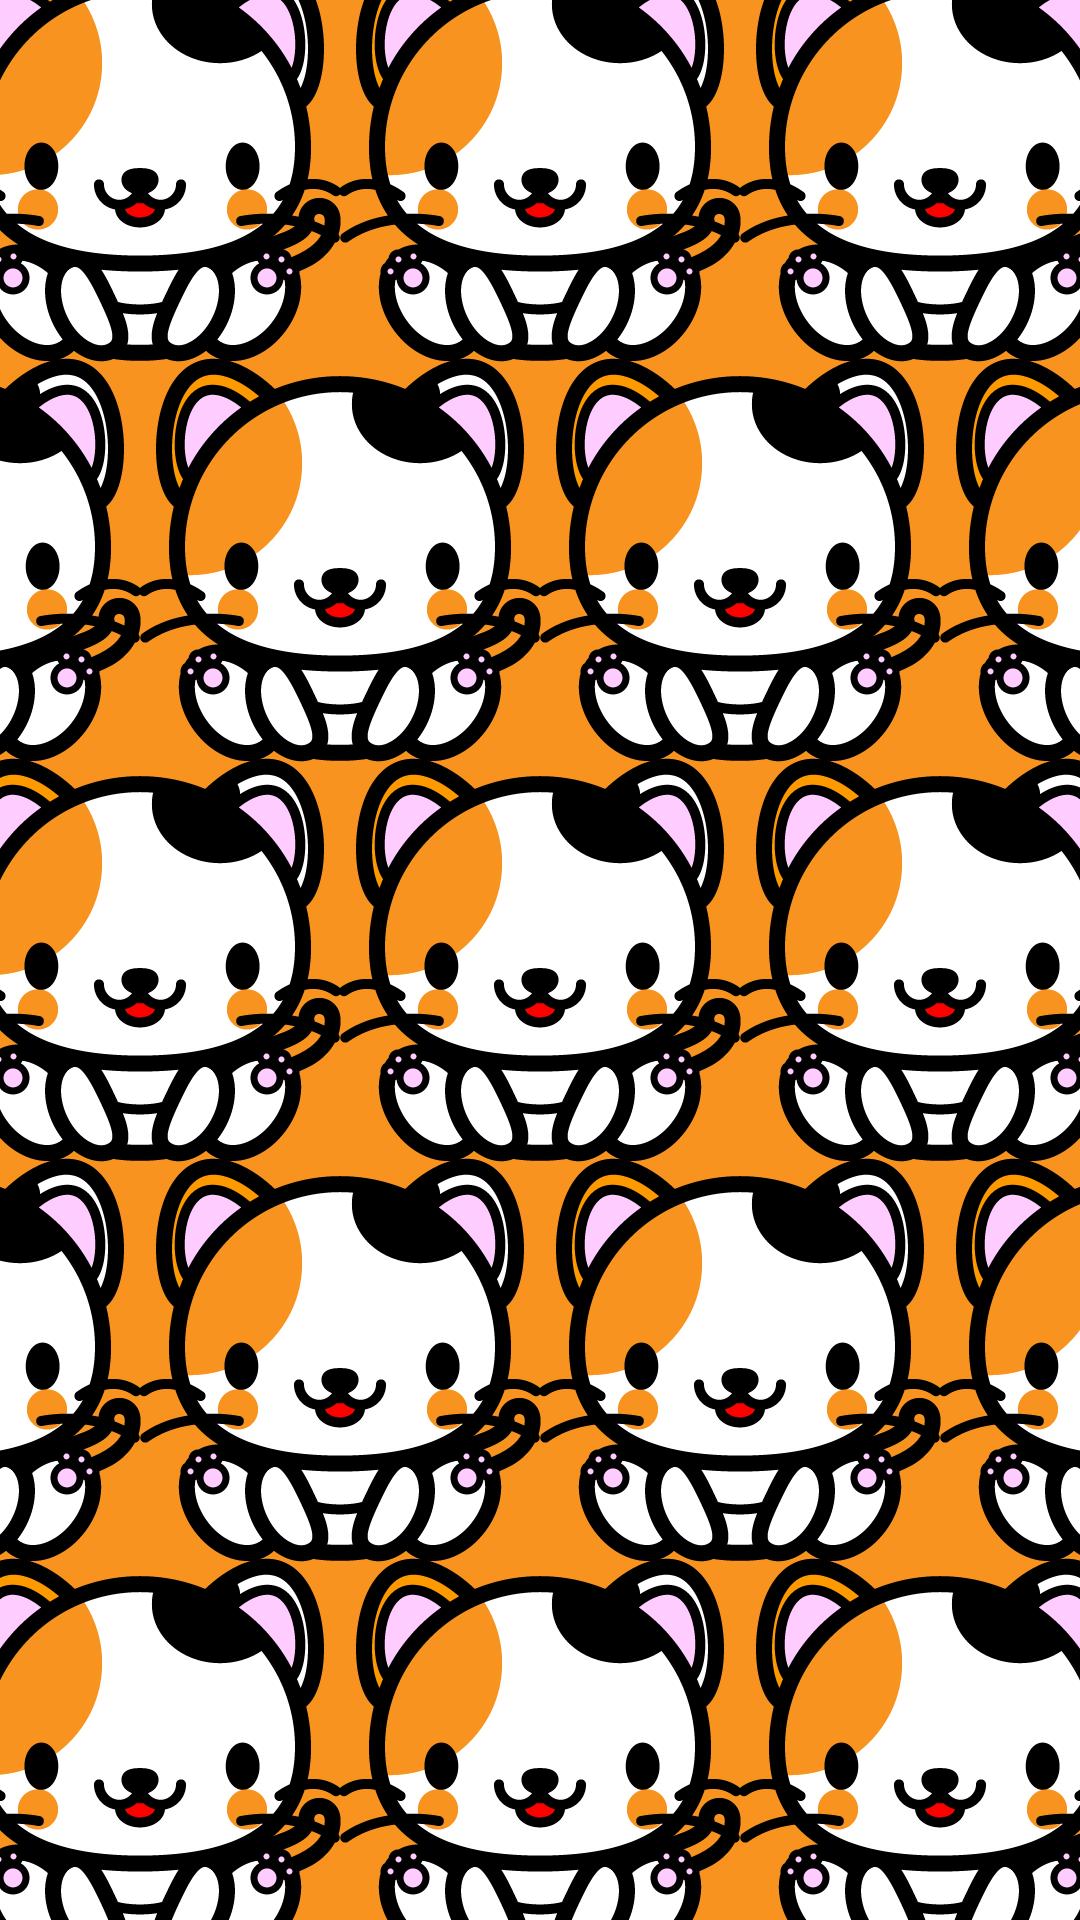 かわいい座り三毛猫づくし壁紙(iPhone)の無料イラスト・商用フリー